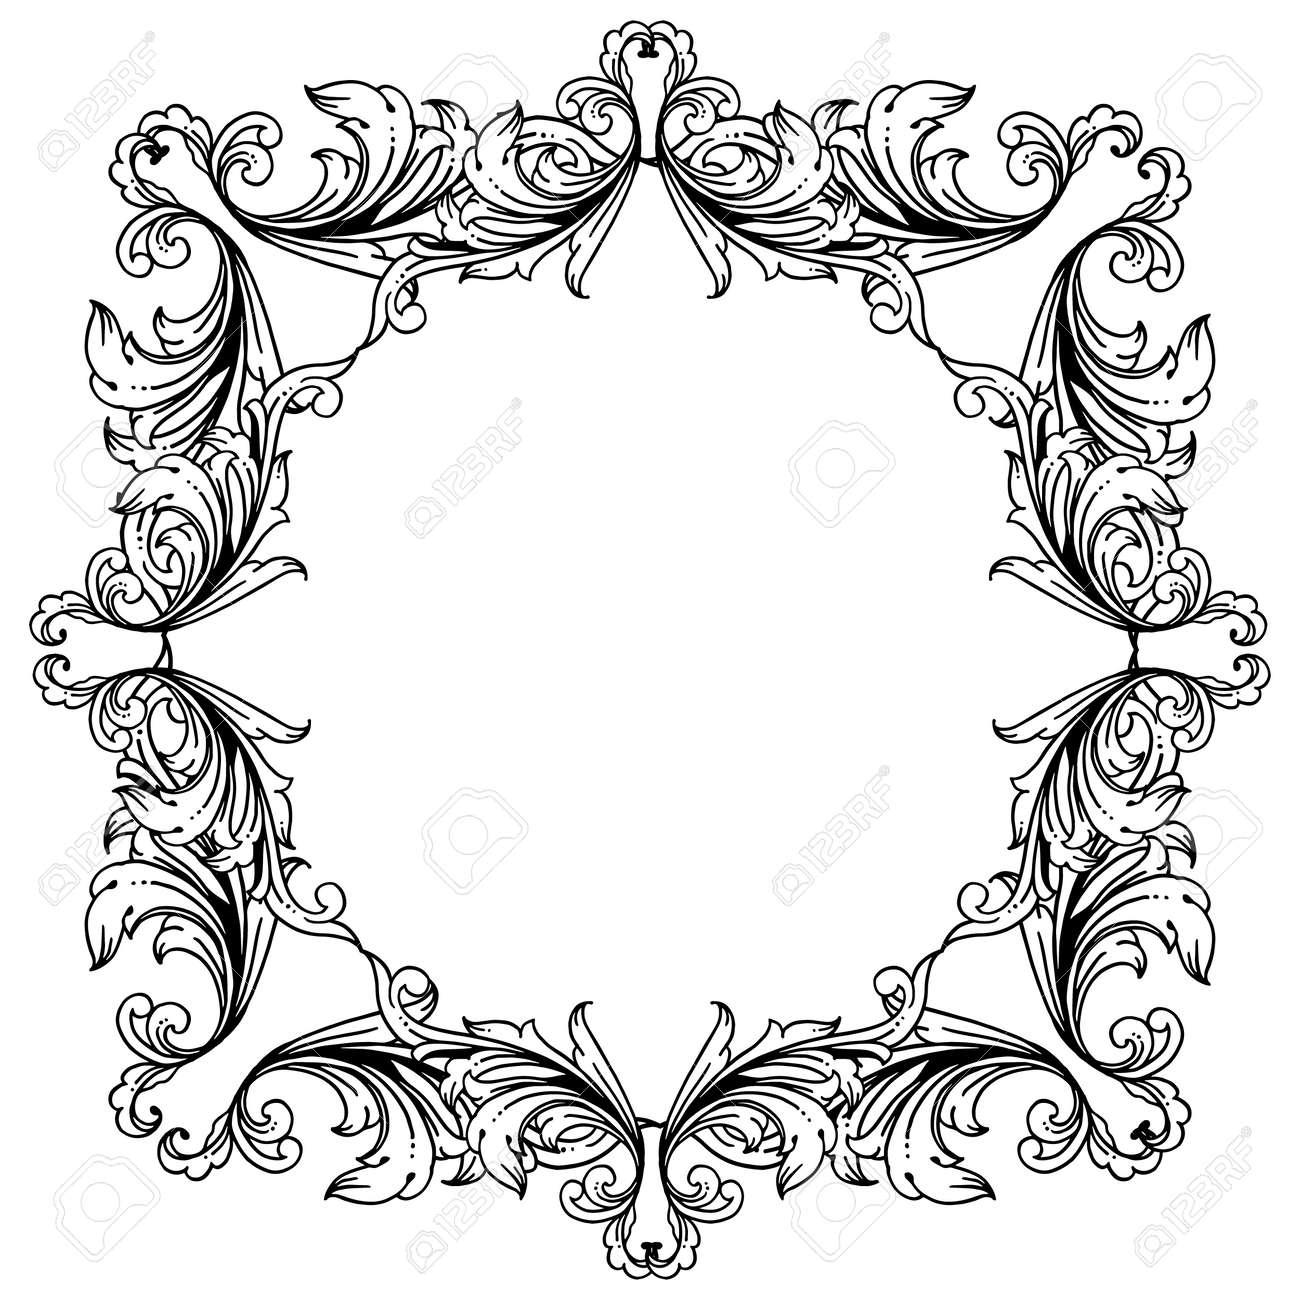 Illustration of floral frame - 145151203